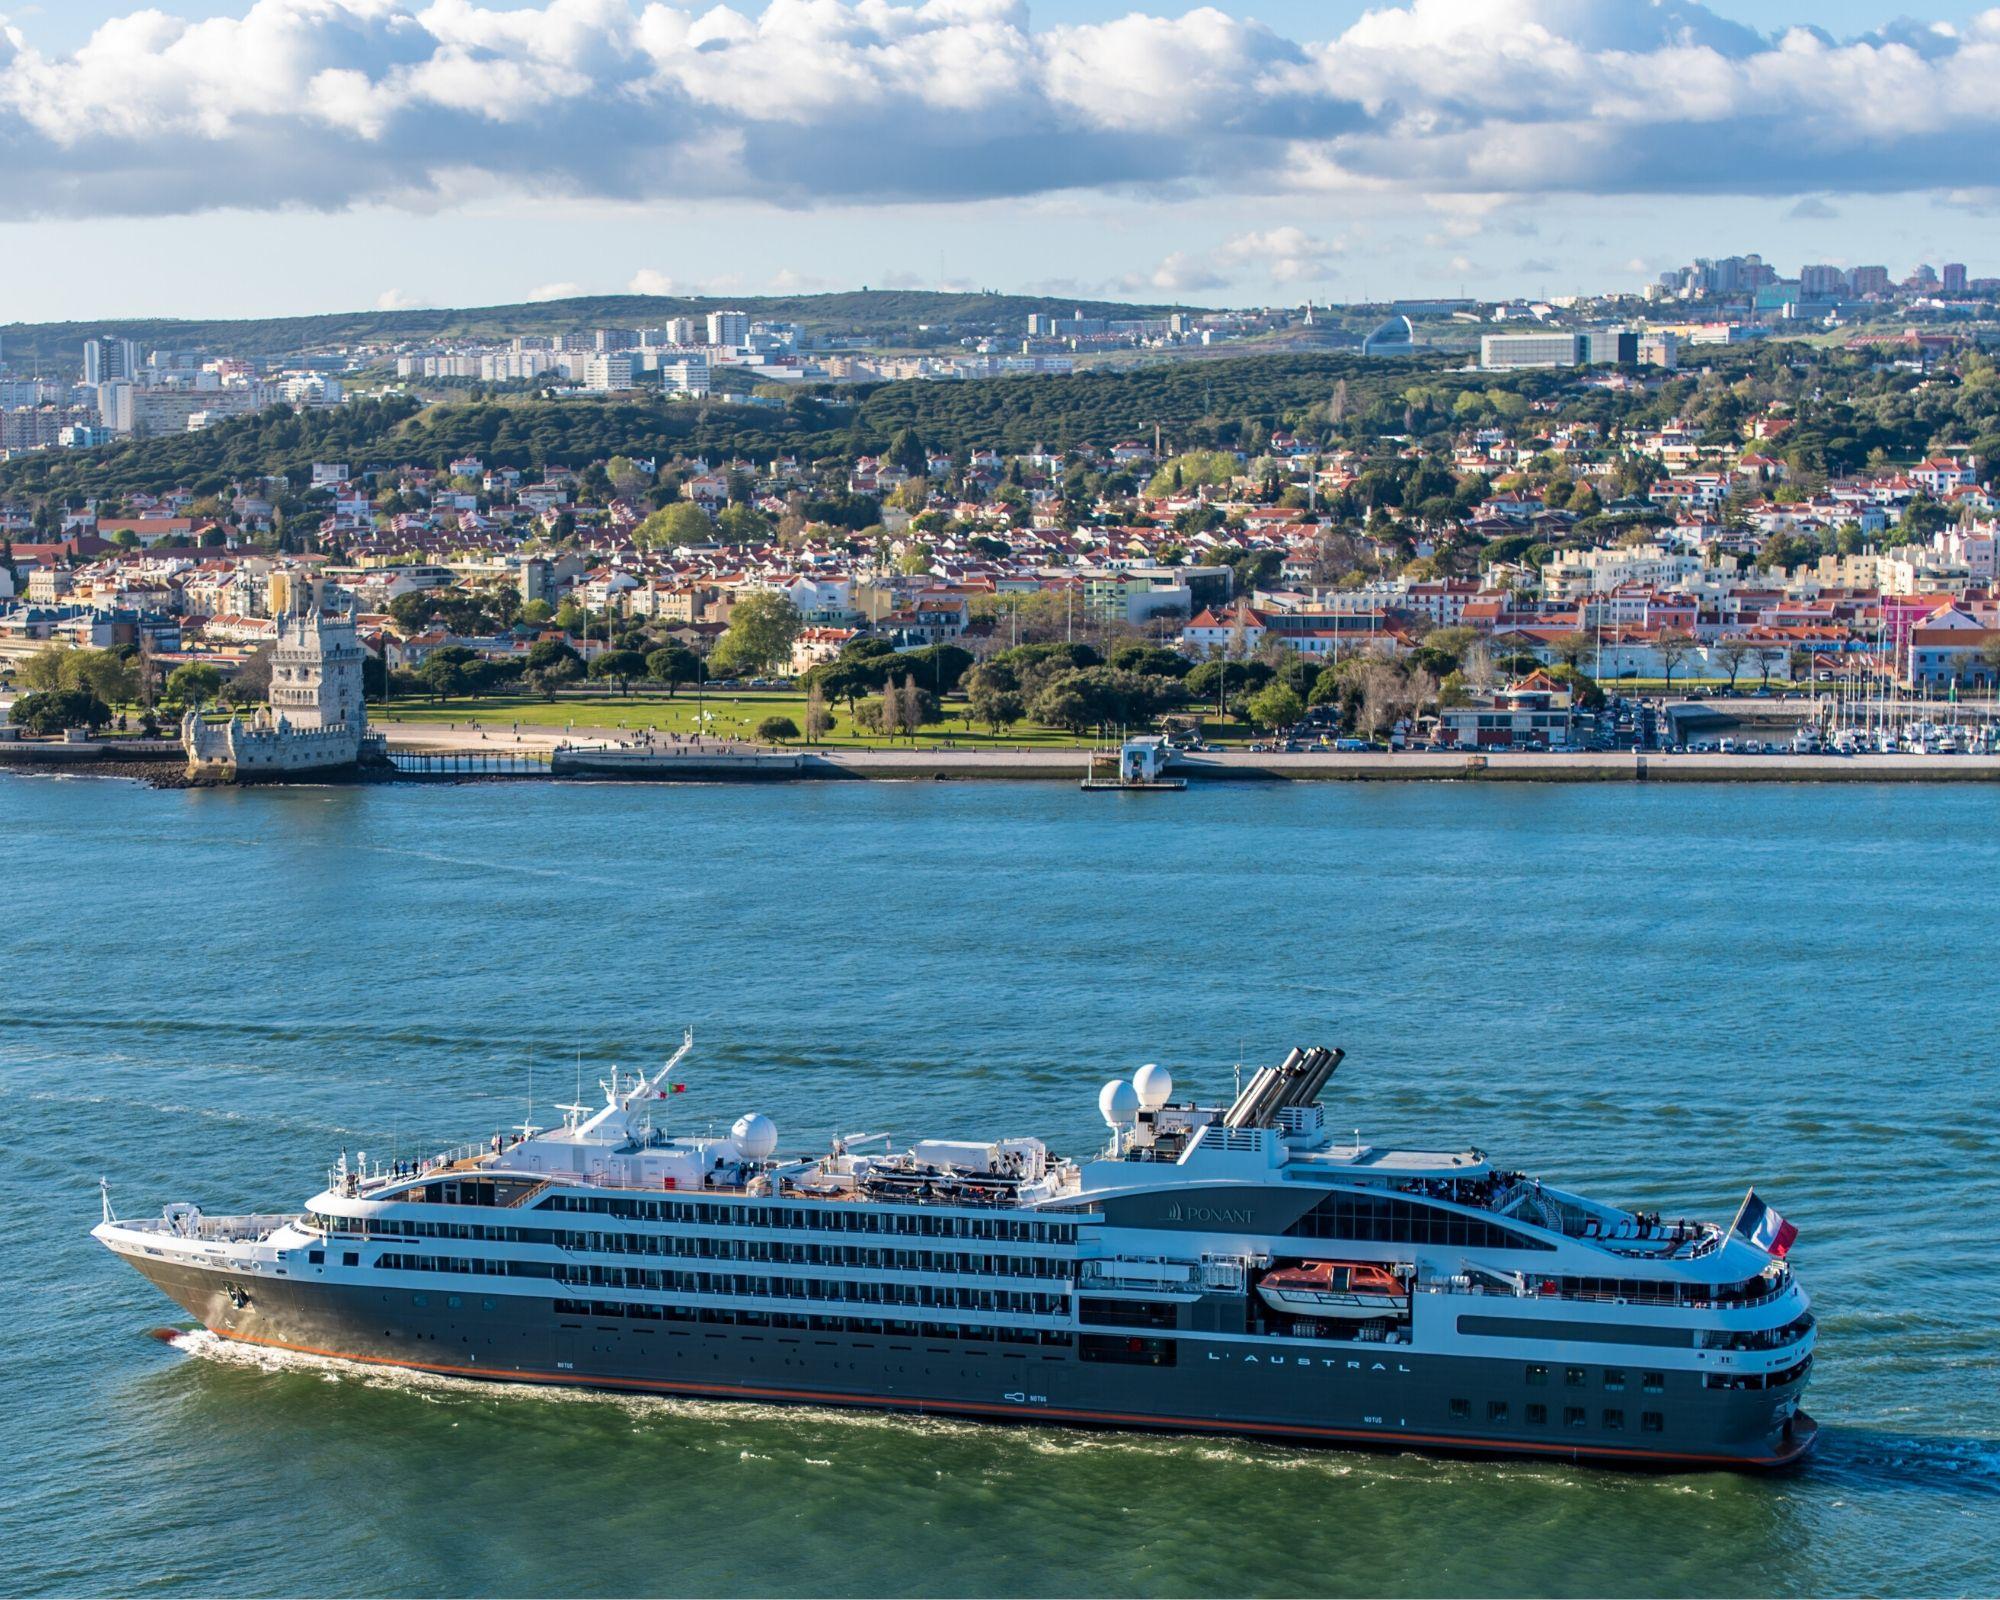 Ponant Un mundo de cruceros StarClass cruceros verano 2020